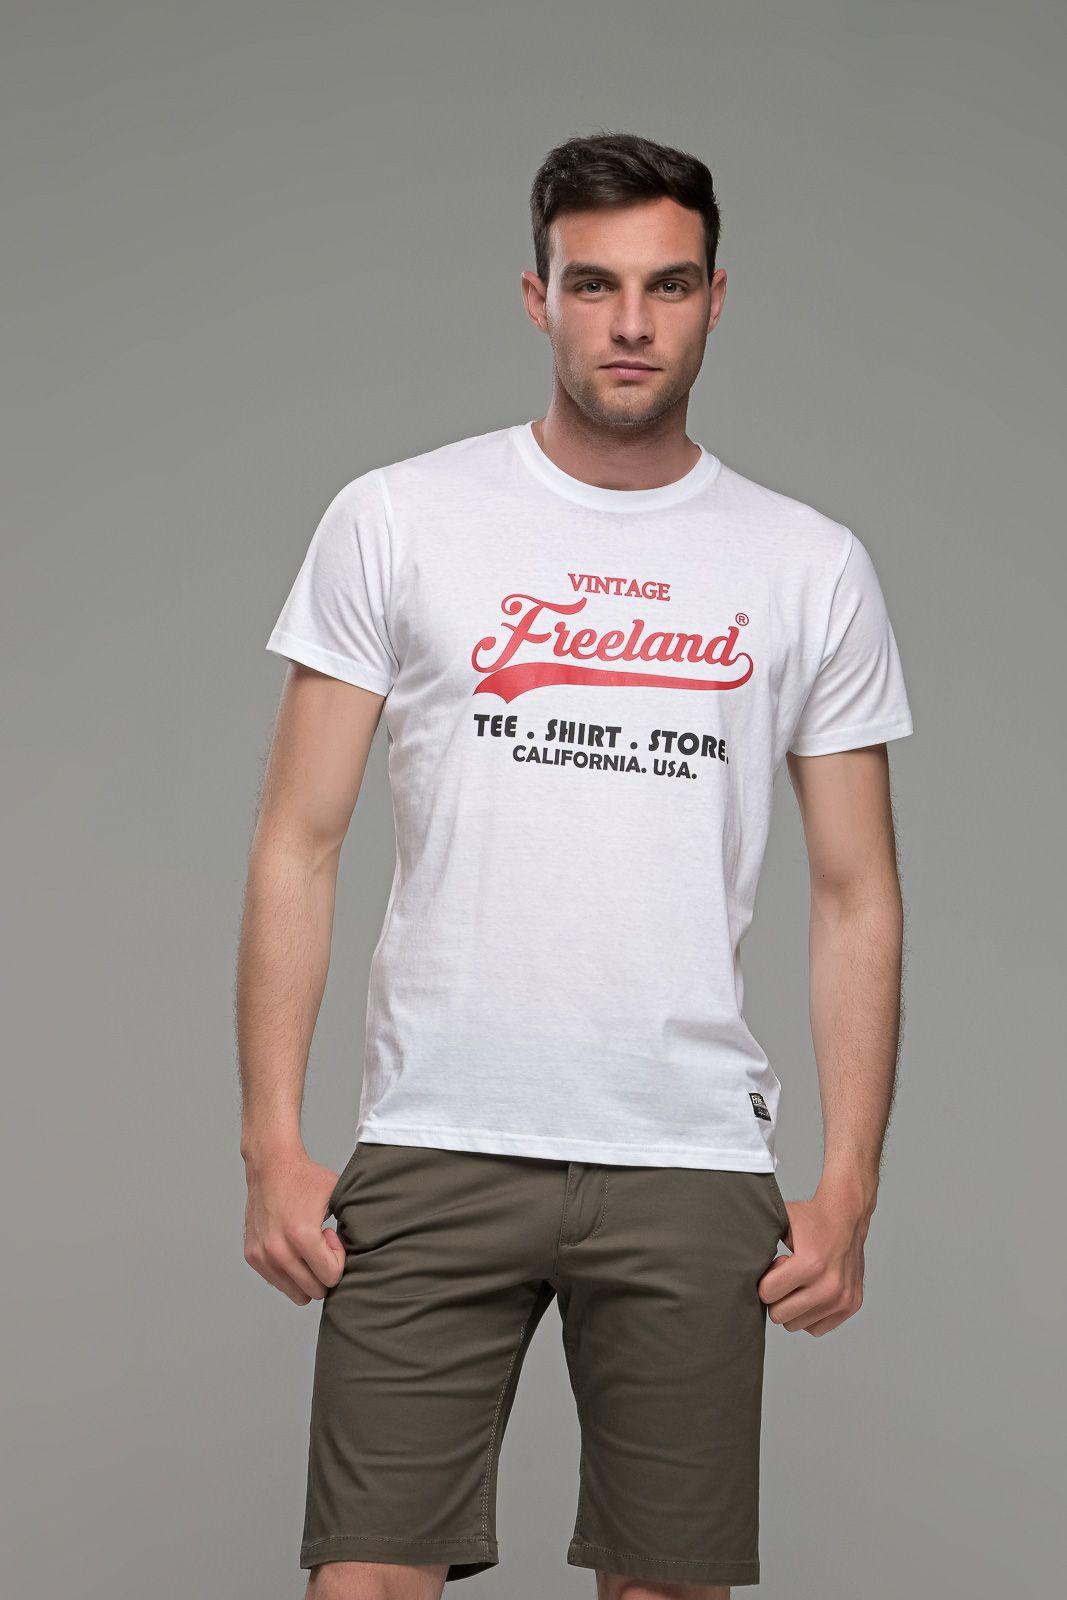 φθηνό casual λευκό ανδρικό κοντομάνικο T-SHIRT με Στάμπα καλοκαιρινό μπλουζάκι